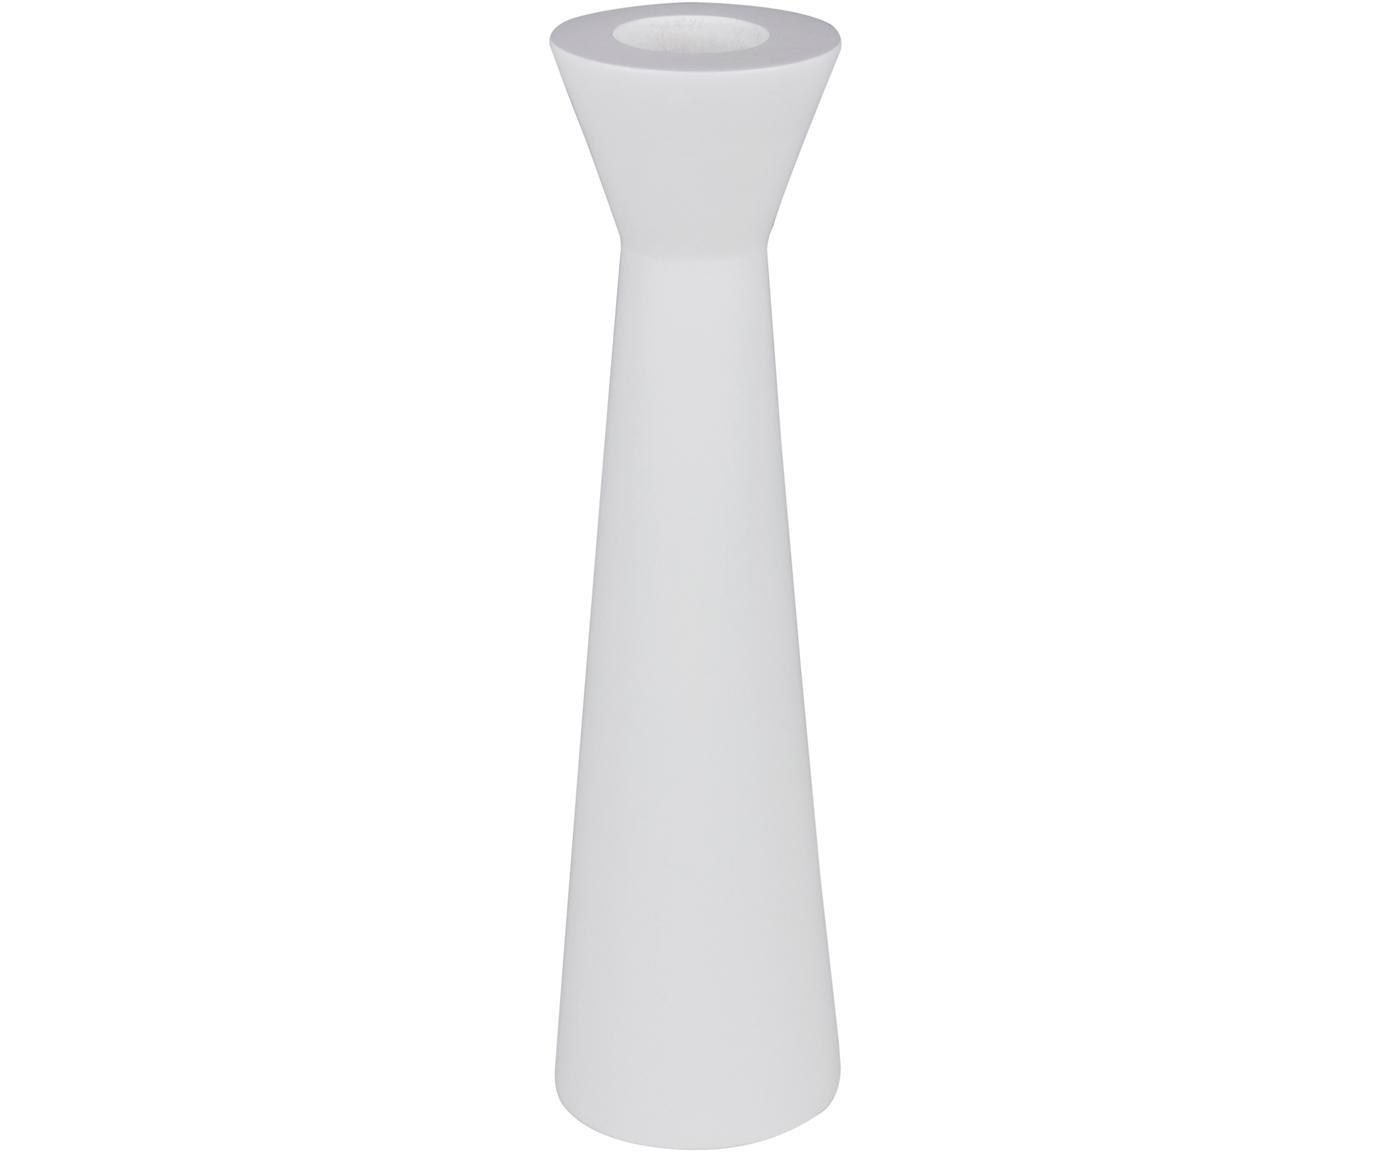 Kerzenhalter Helga, Holz, Weiß, Ø 8 x H 30 cm